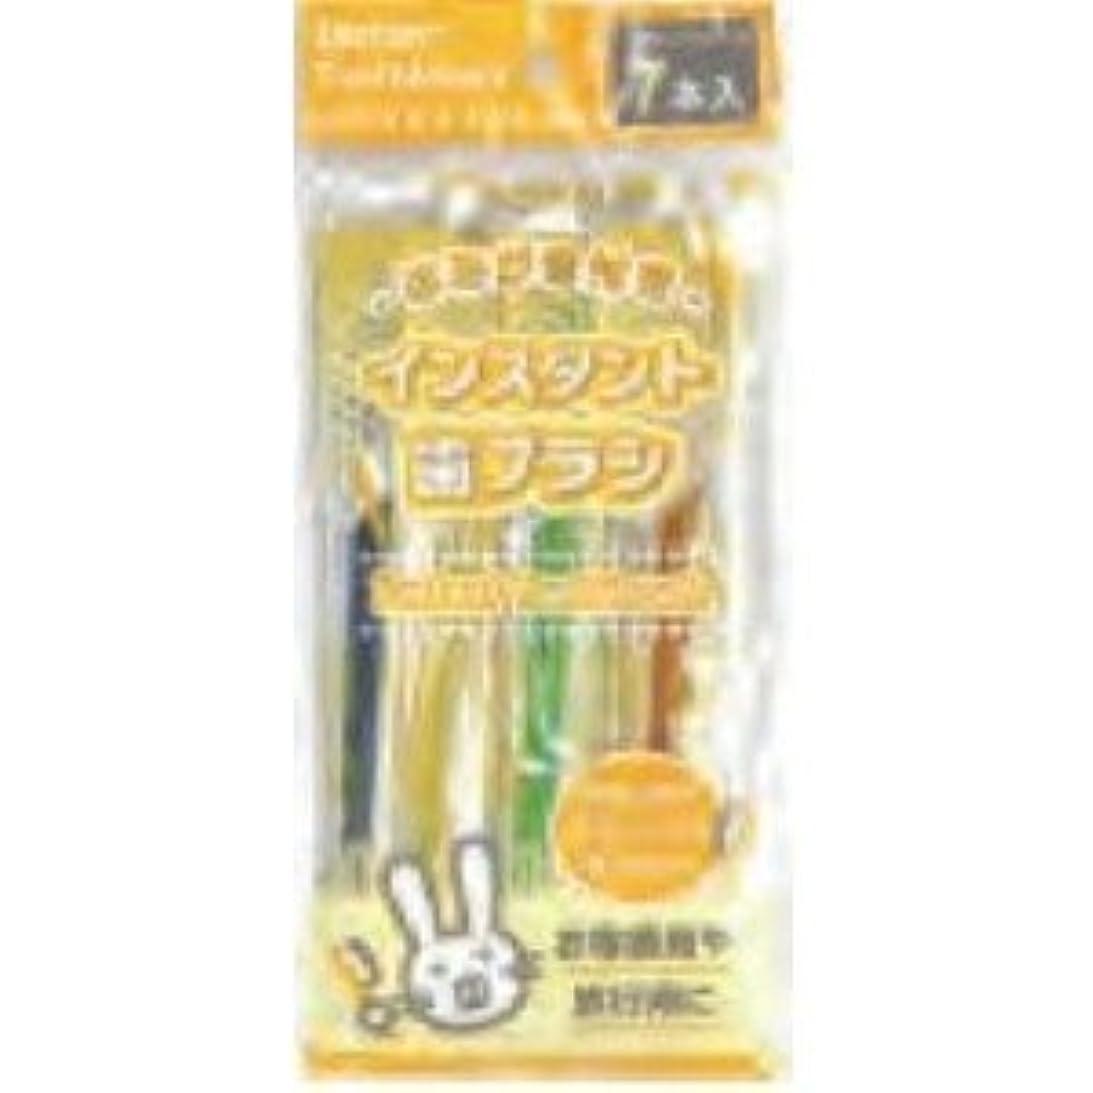 送るピクニックをするマージン歯みがき付きインスタント歯ブラシ7P アソート HH-122 [10個セット]